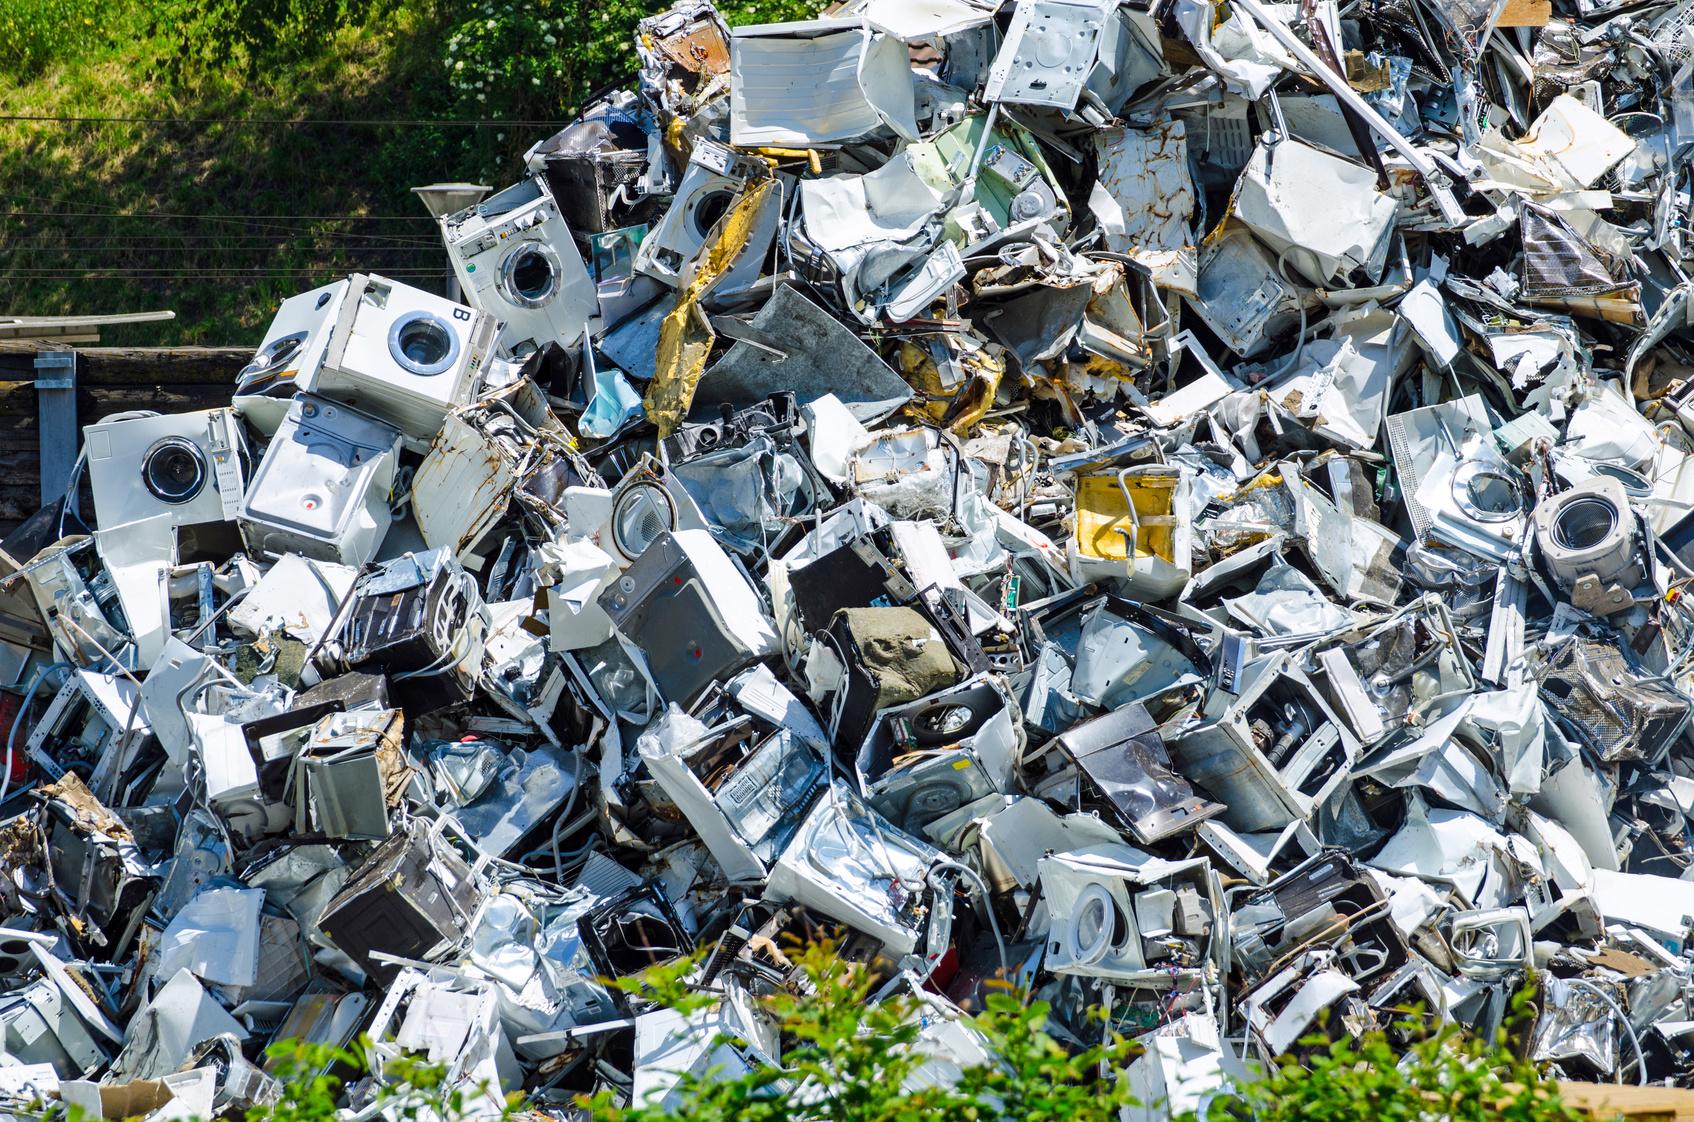 Das Bild zeigt einen Müllberg aus Waschmaschinen.